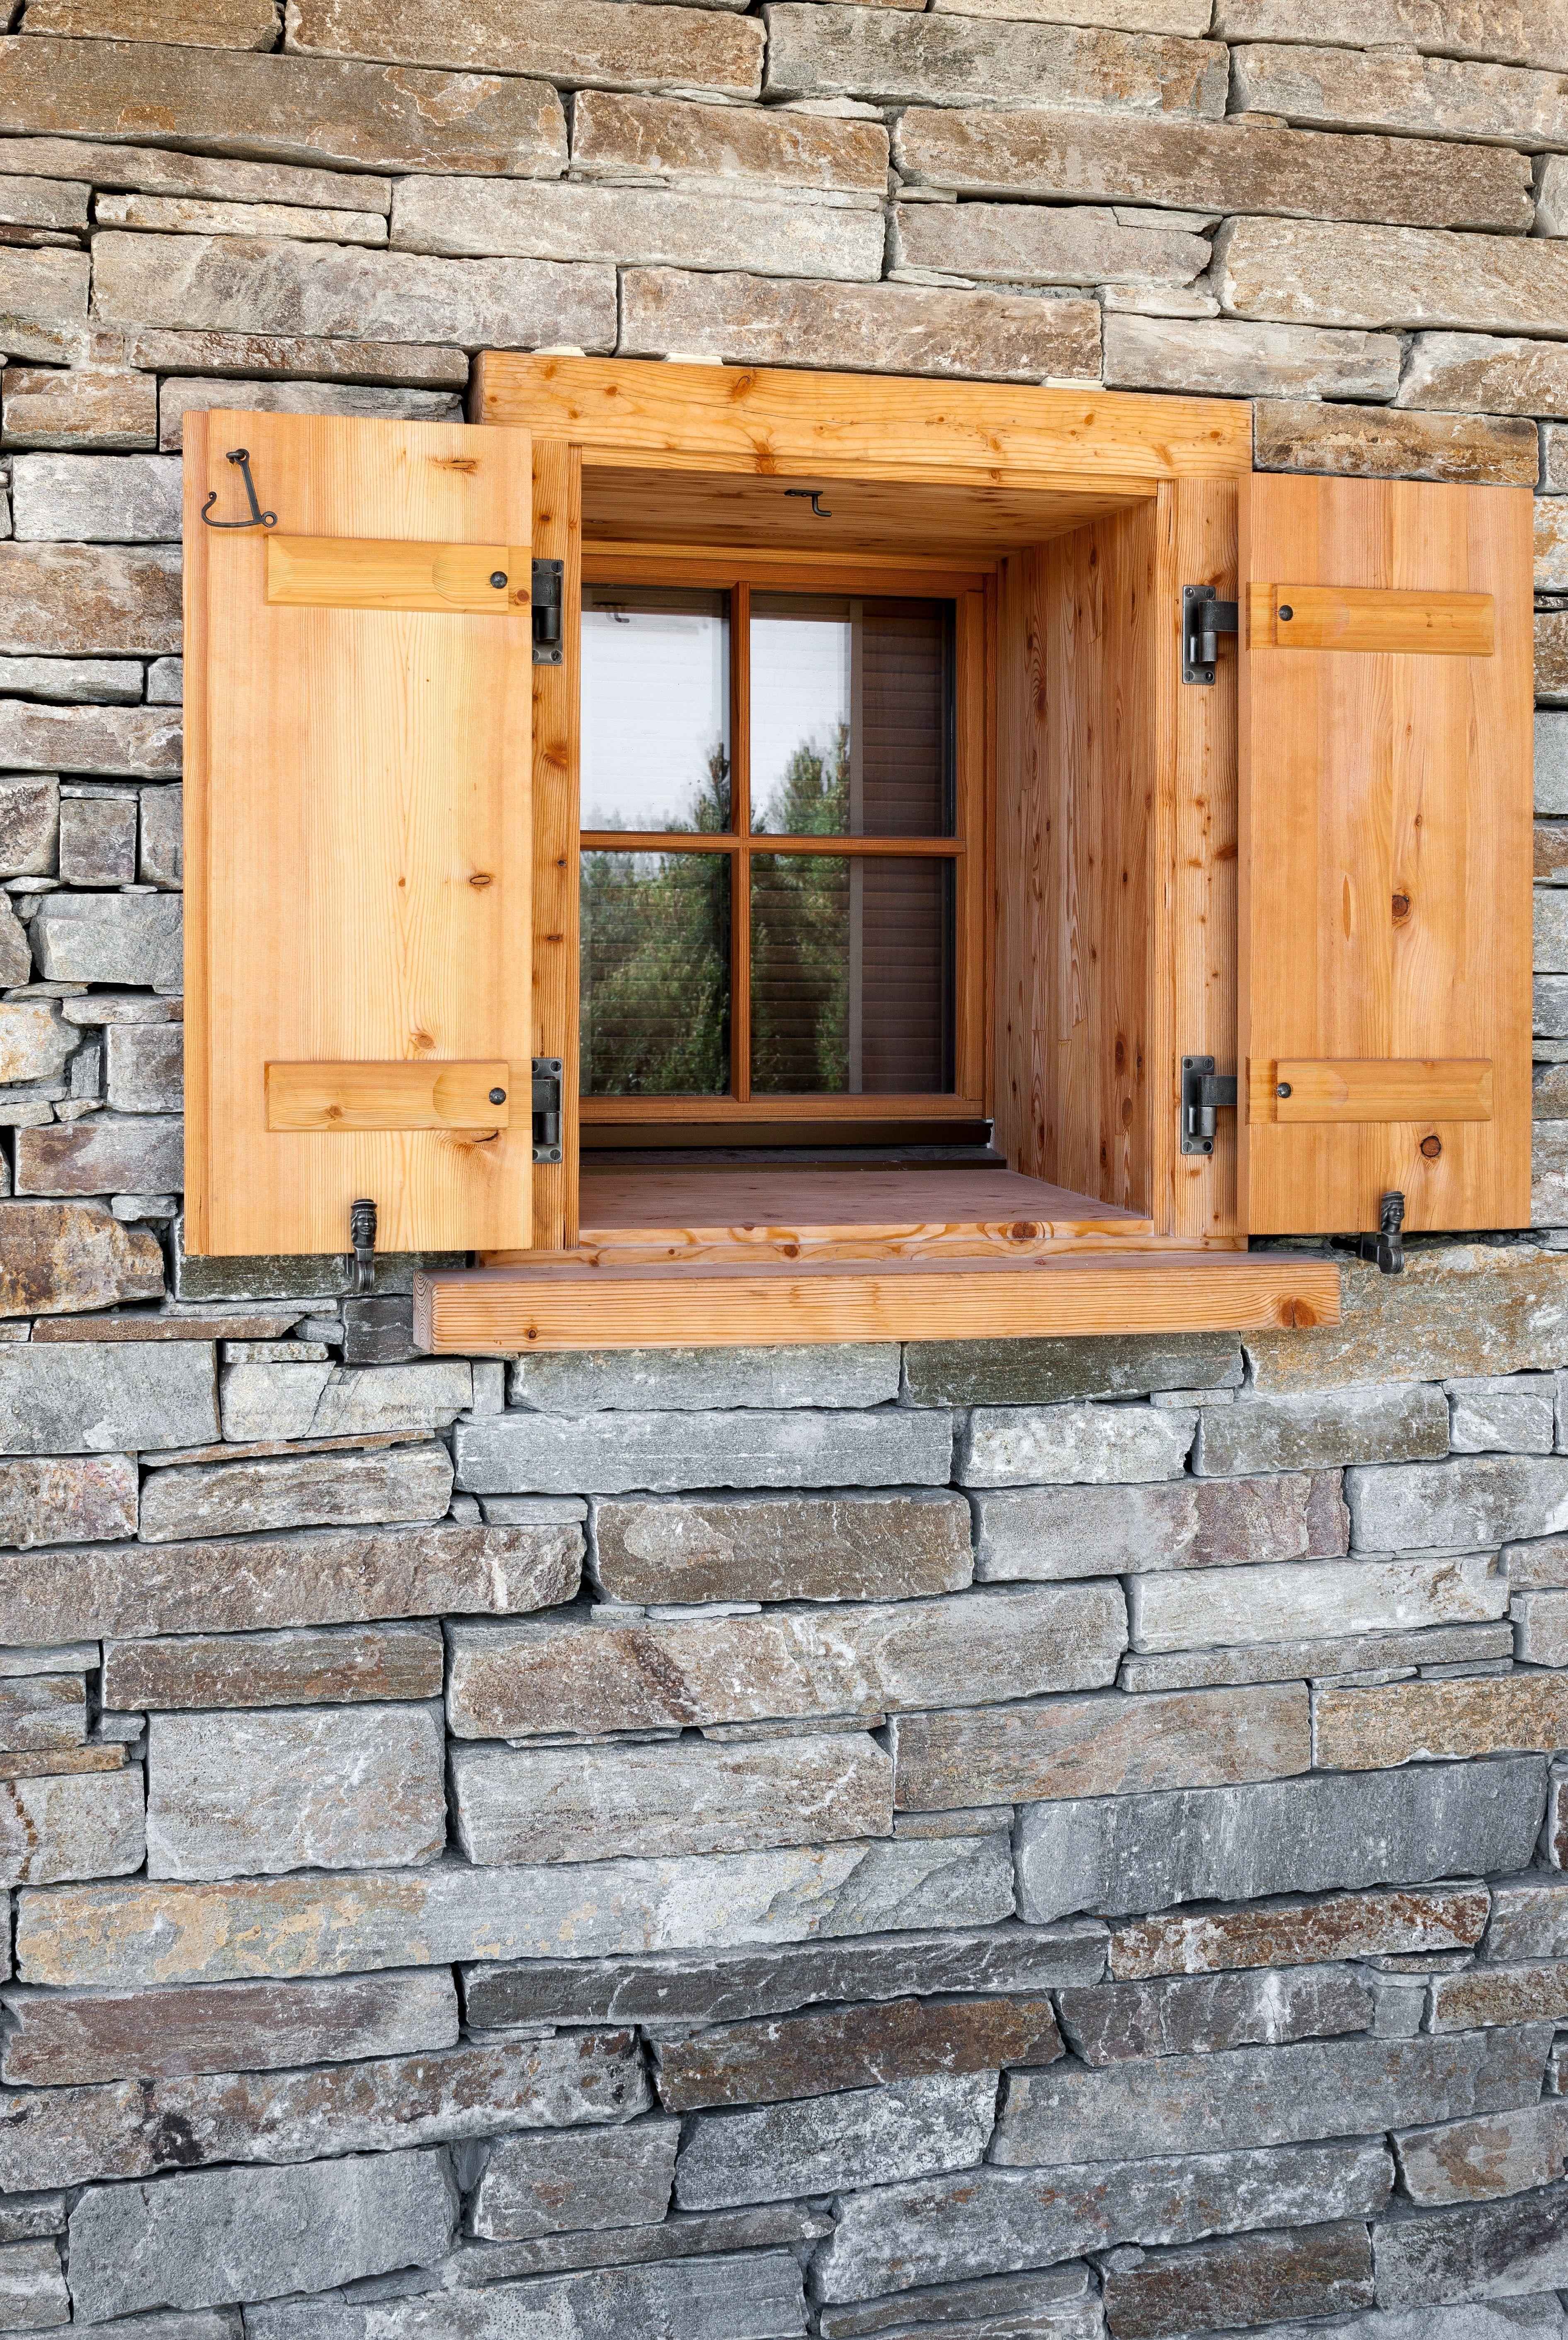 Fassadenverkleidung in Naturstein für ein Chalet